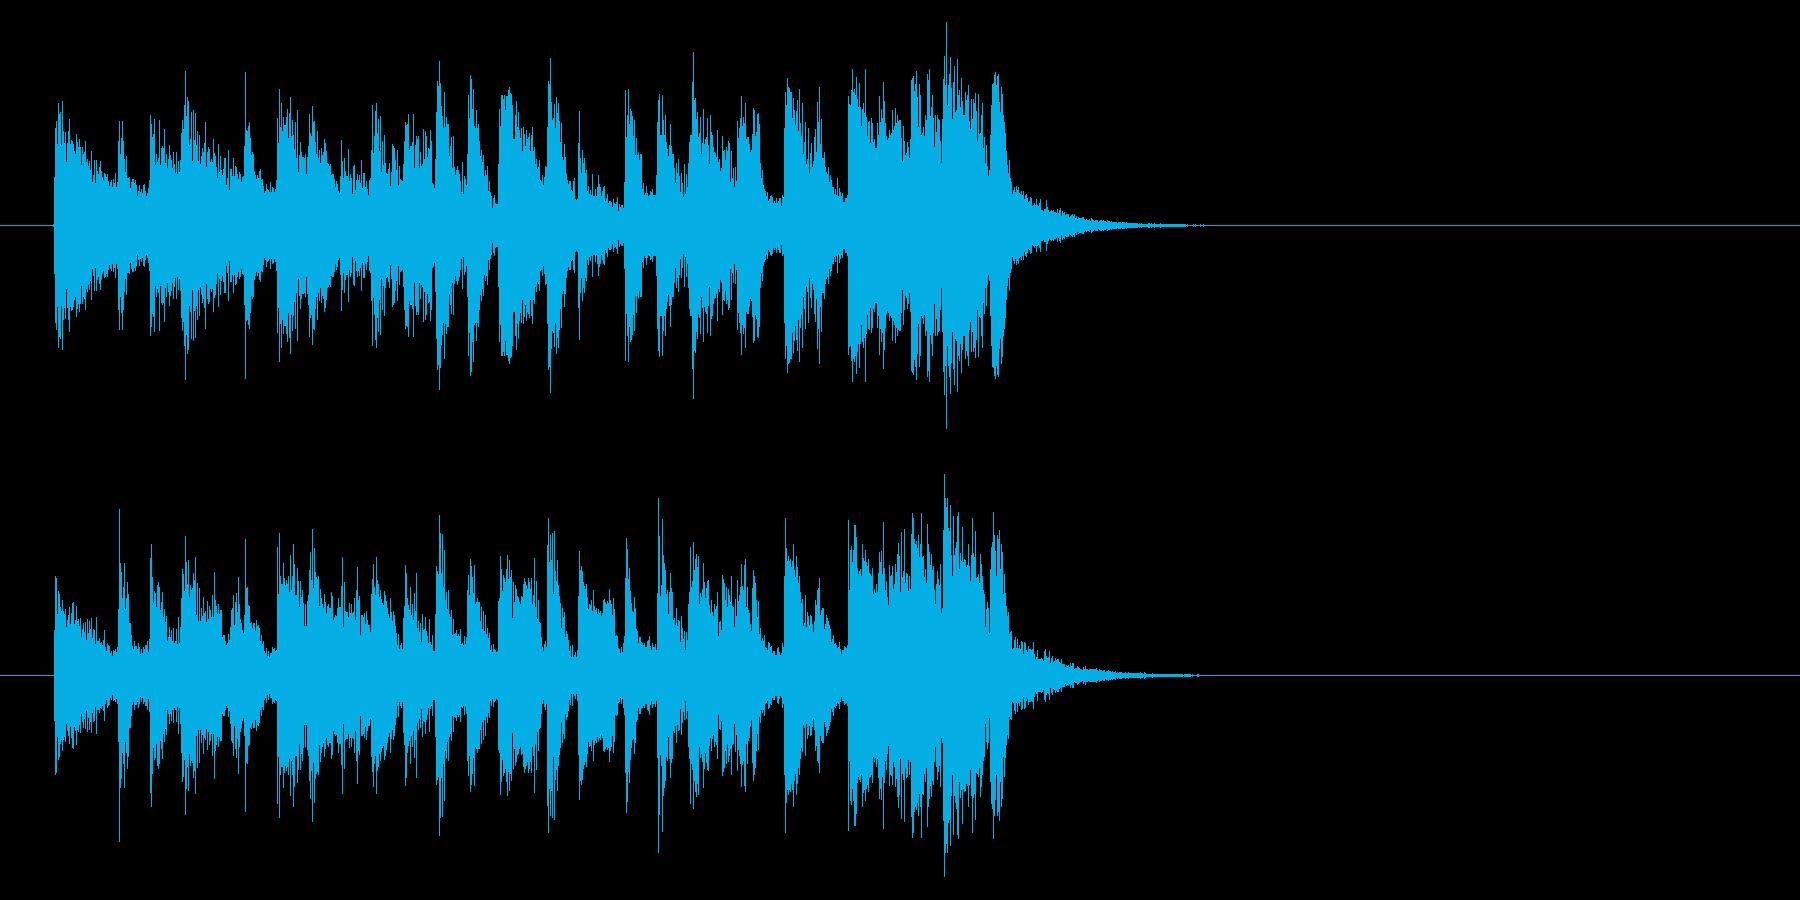 コーナー・タイトル風フュージョンの曲の再生済みの波形